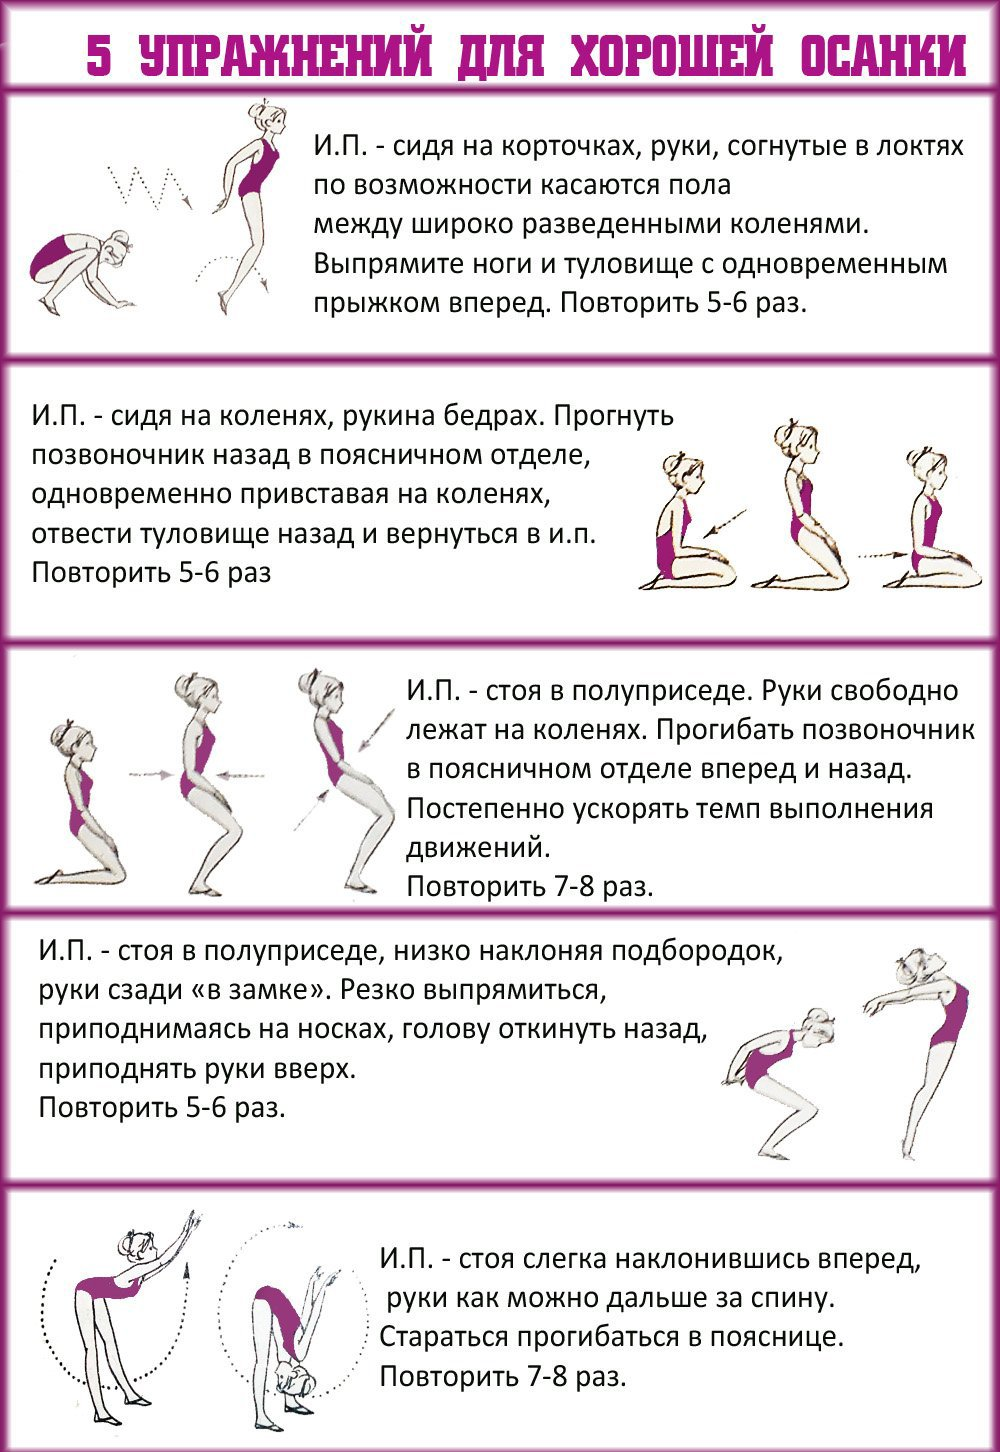 Упражнения для красивой осанки: топ-16 лучших упражнений + советы